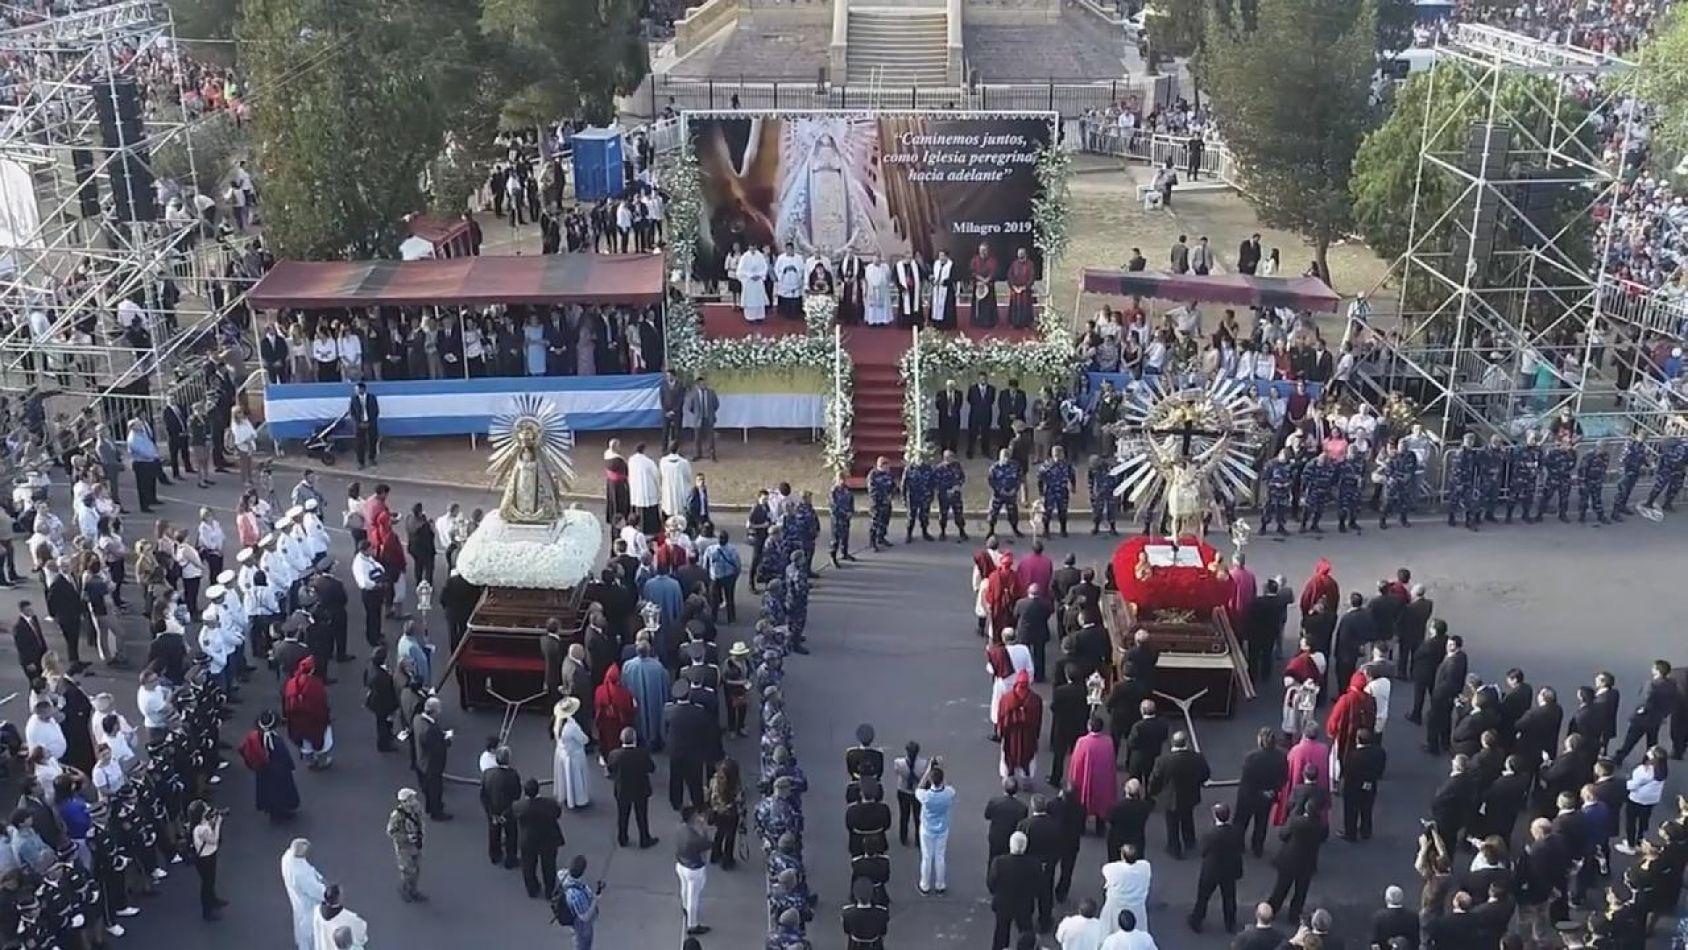 Más de 200 personas fueron detenidas durante el Milagro